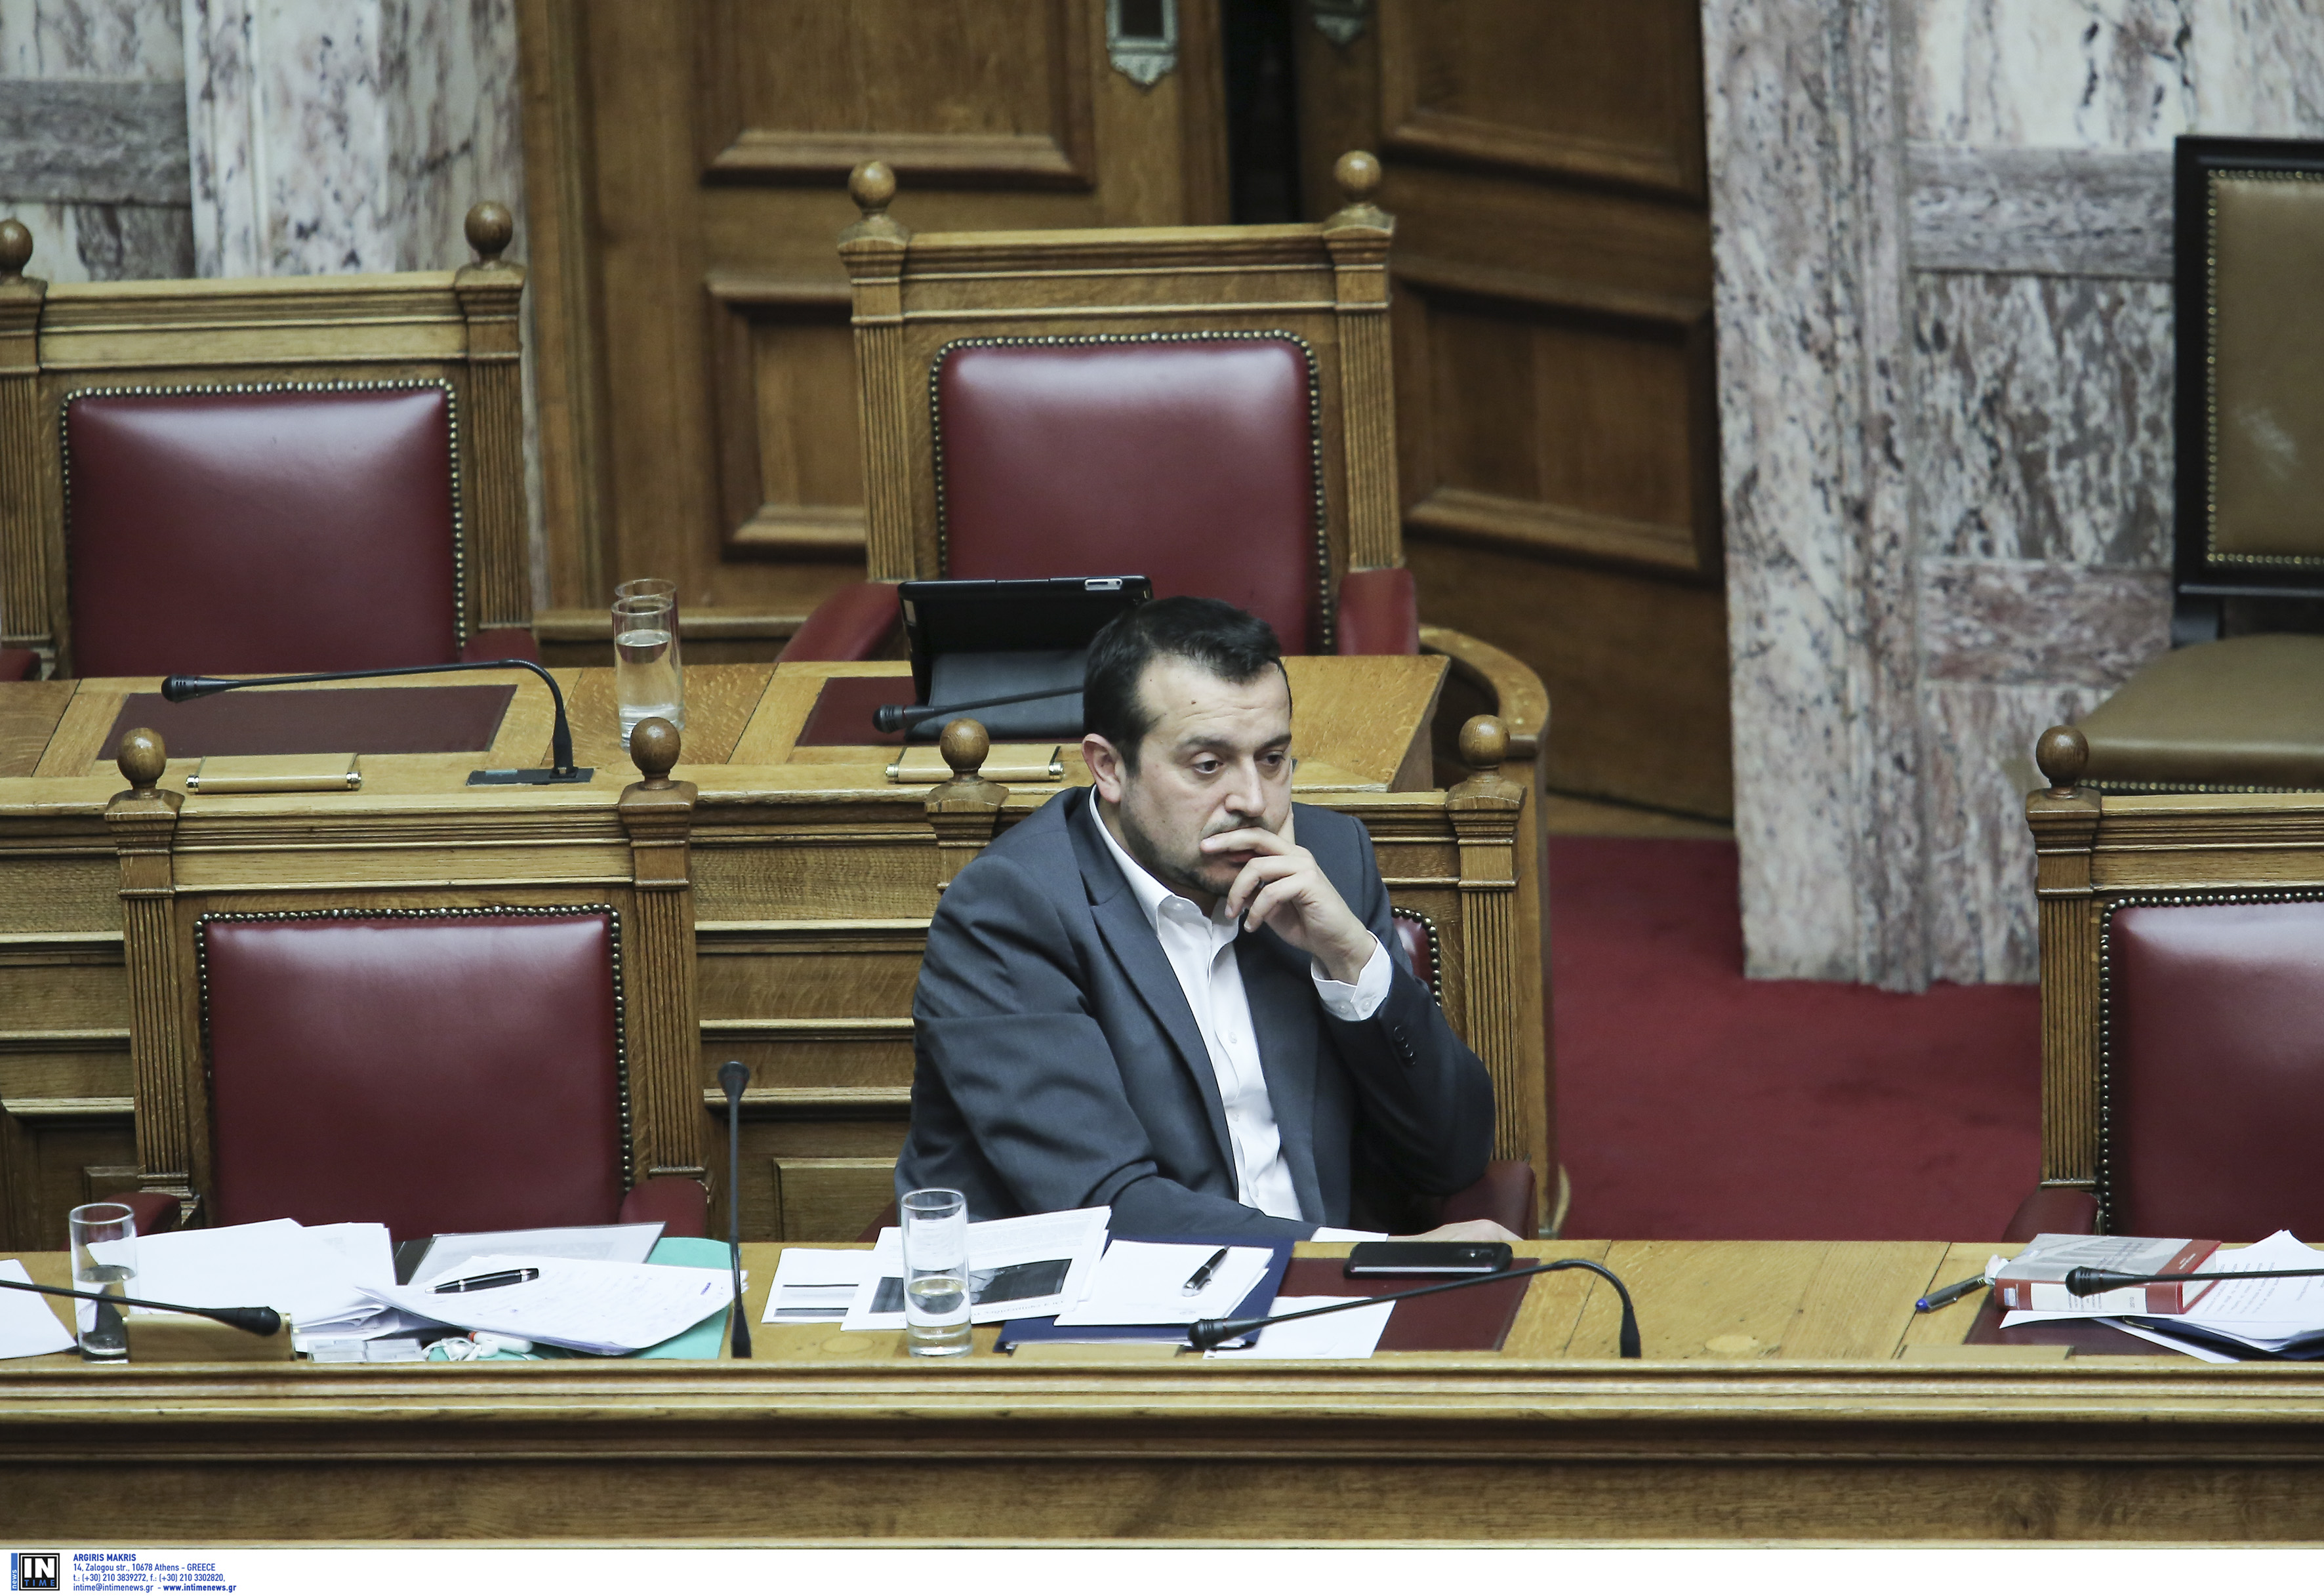 Δημοσιεύθηκε η προκήρυξη του διαγωνισμού για τις τηλεοπτικές άδειες | tovima.gr